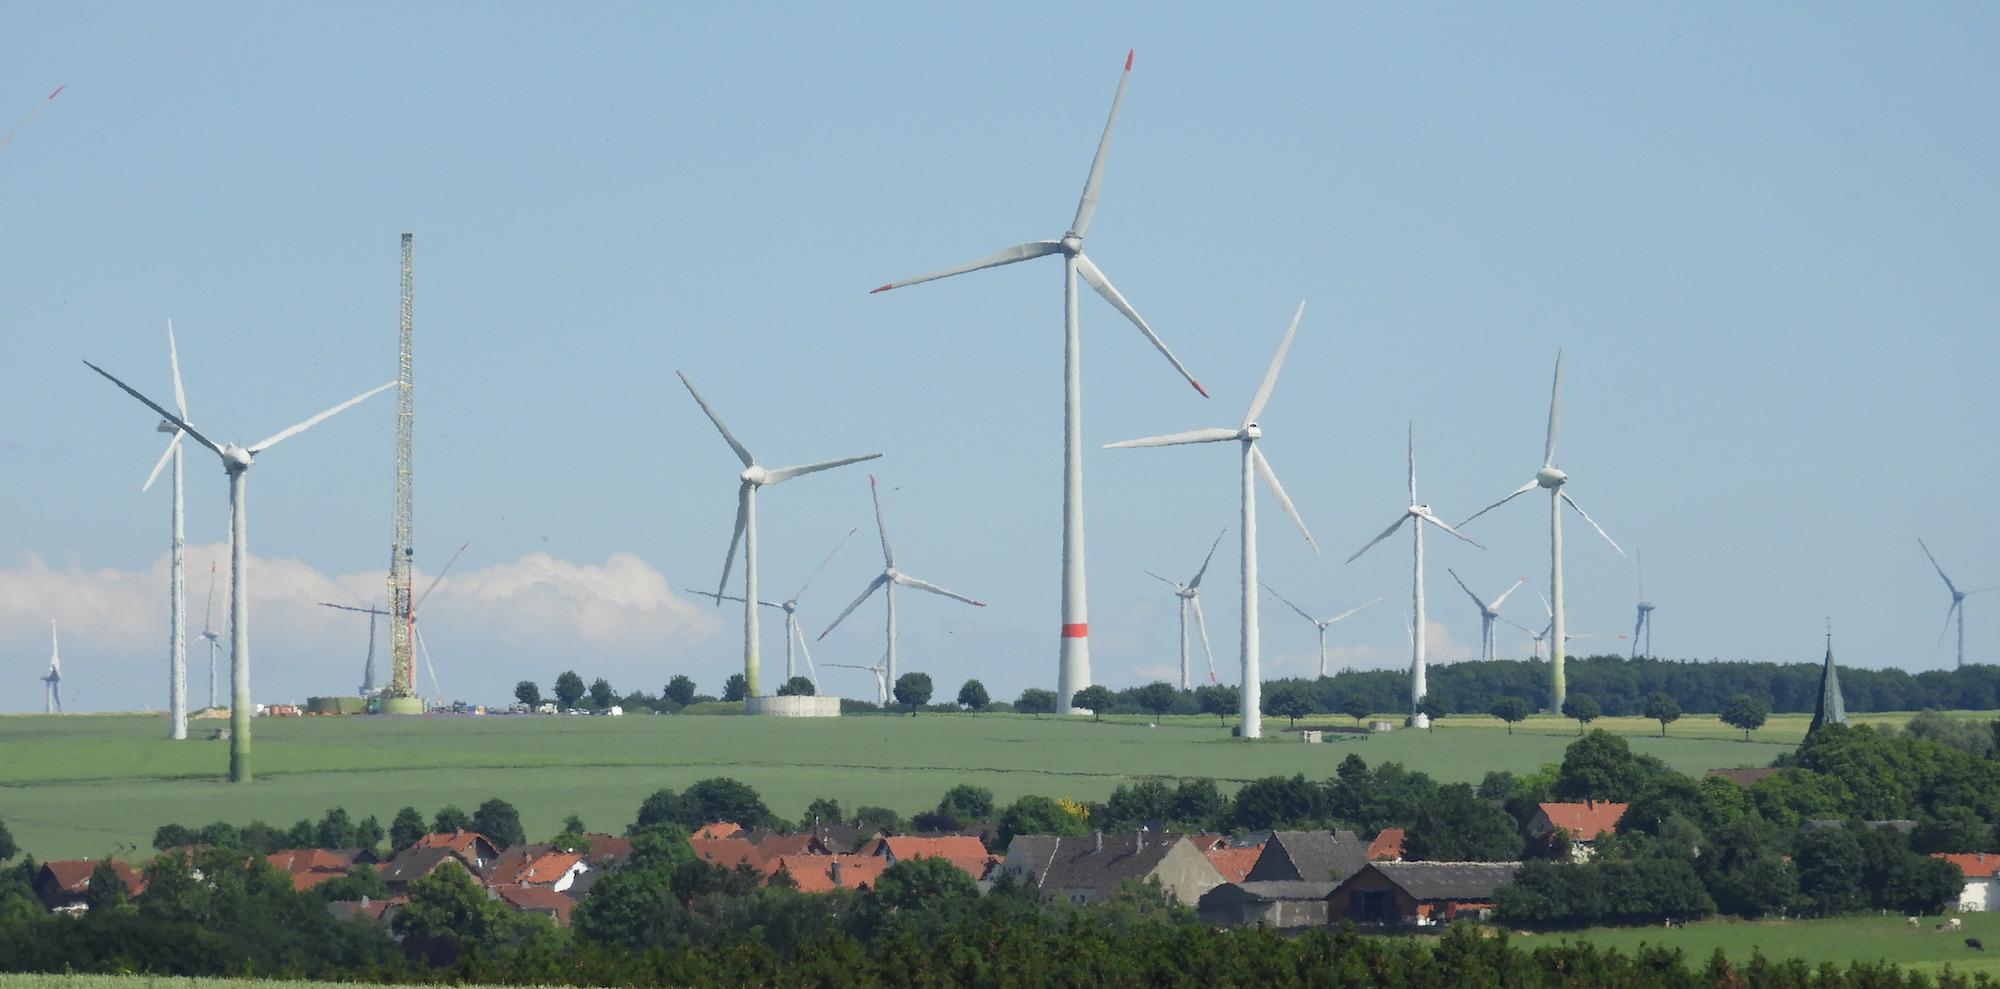 Soll es so in ganz NRW aussehen?